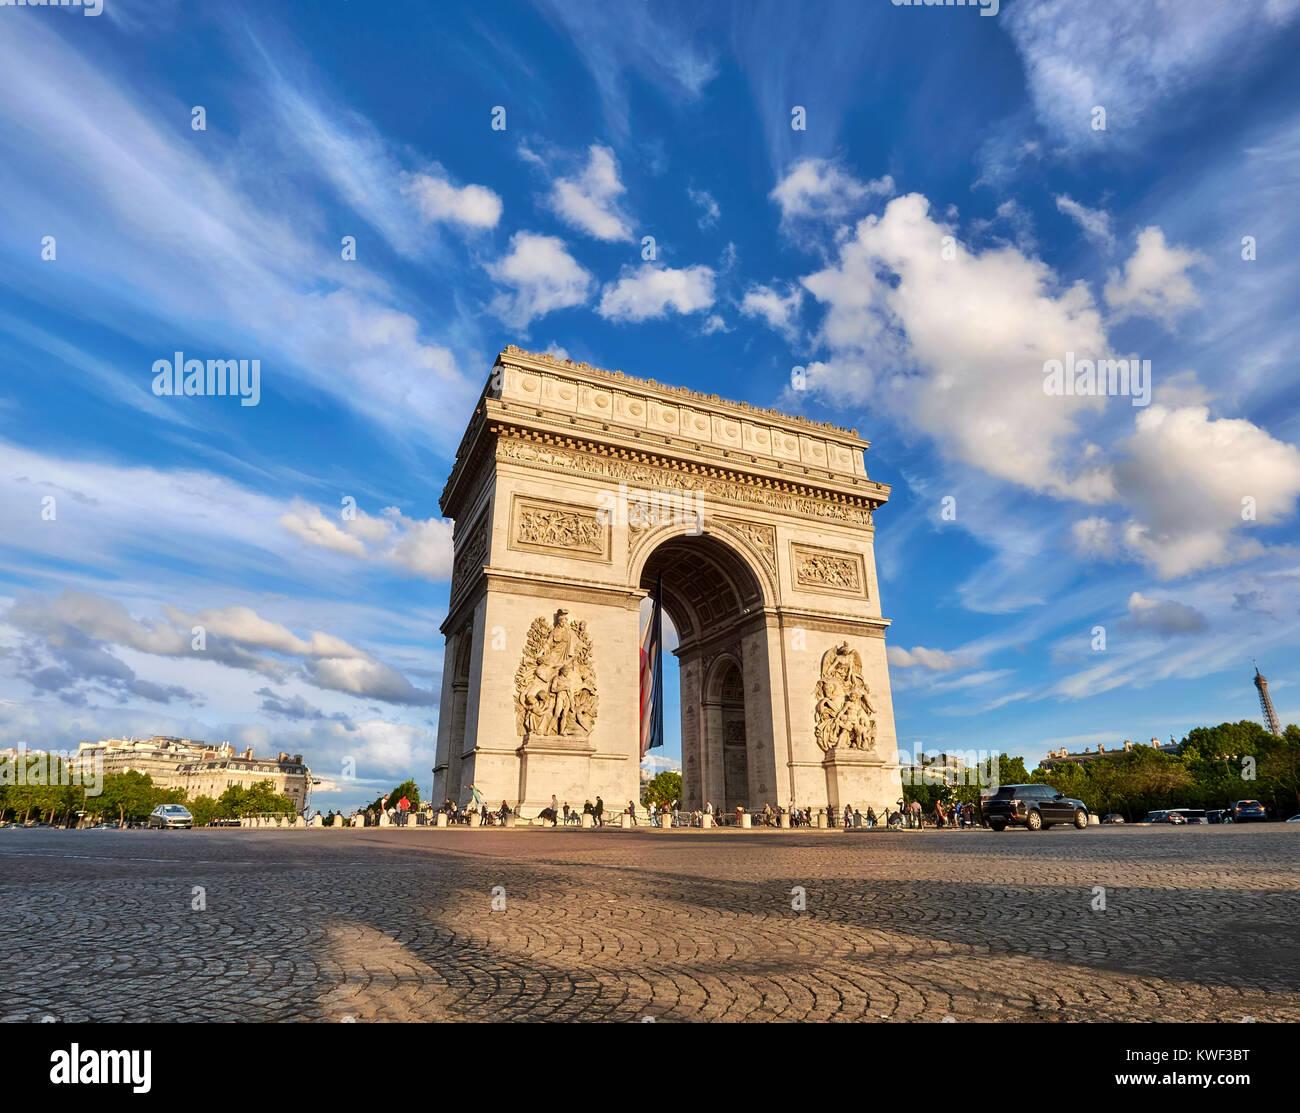 Arc de Triomphe à Paris, France, sur un après-midi avec des nuages derrière, photo panoramique. Photo Stock